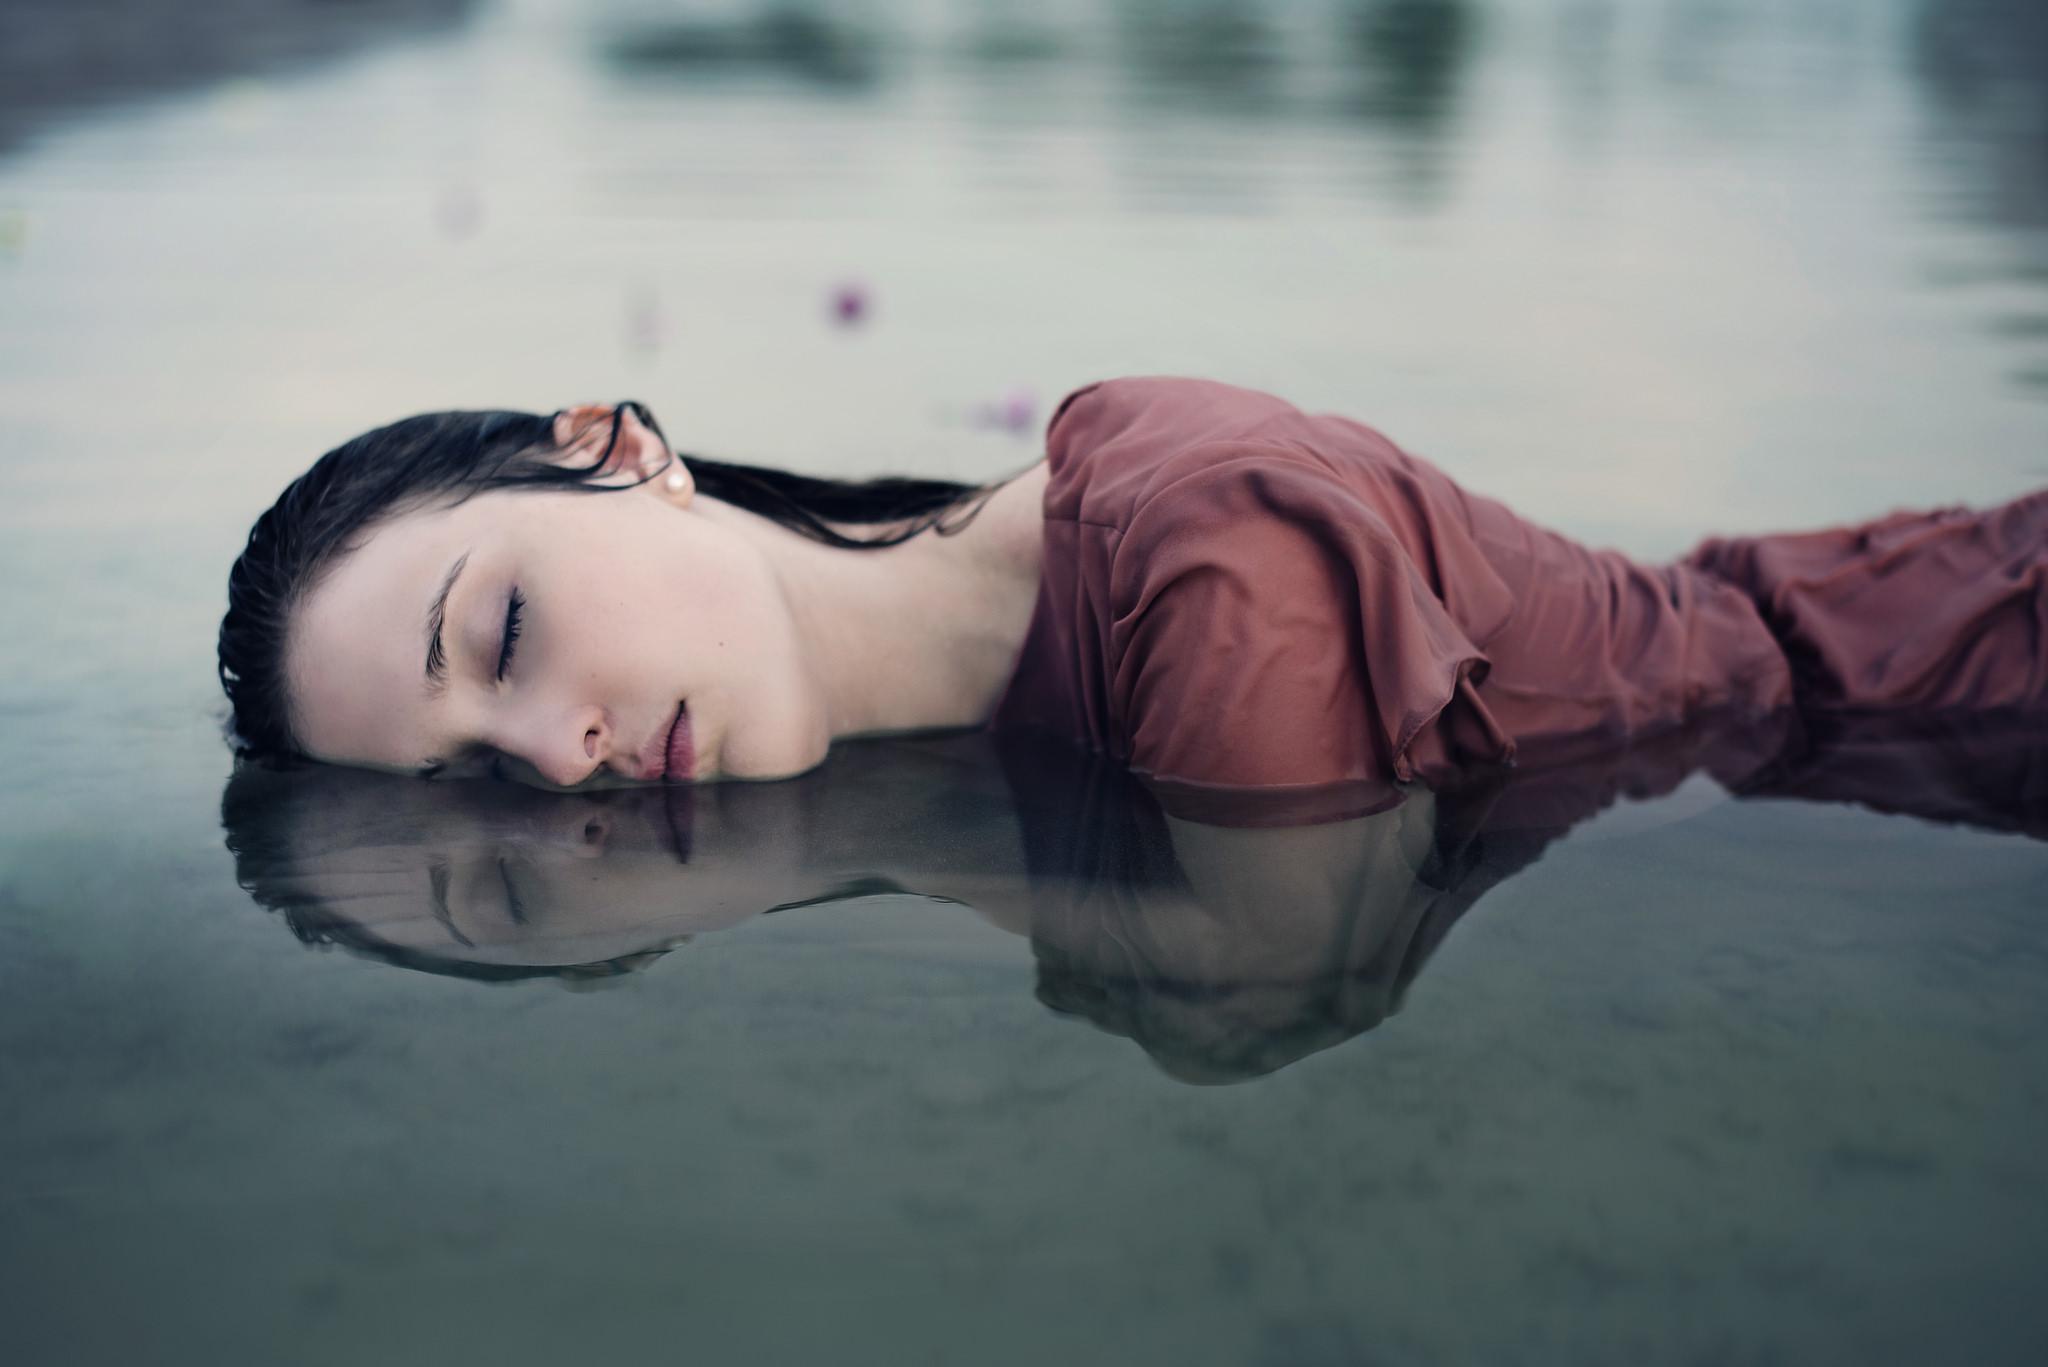 Chica descansando - 2048x1367